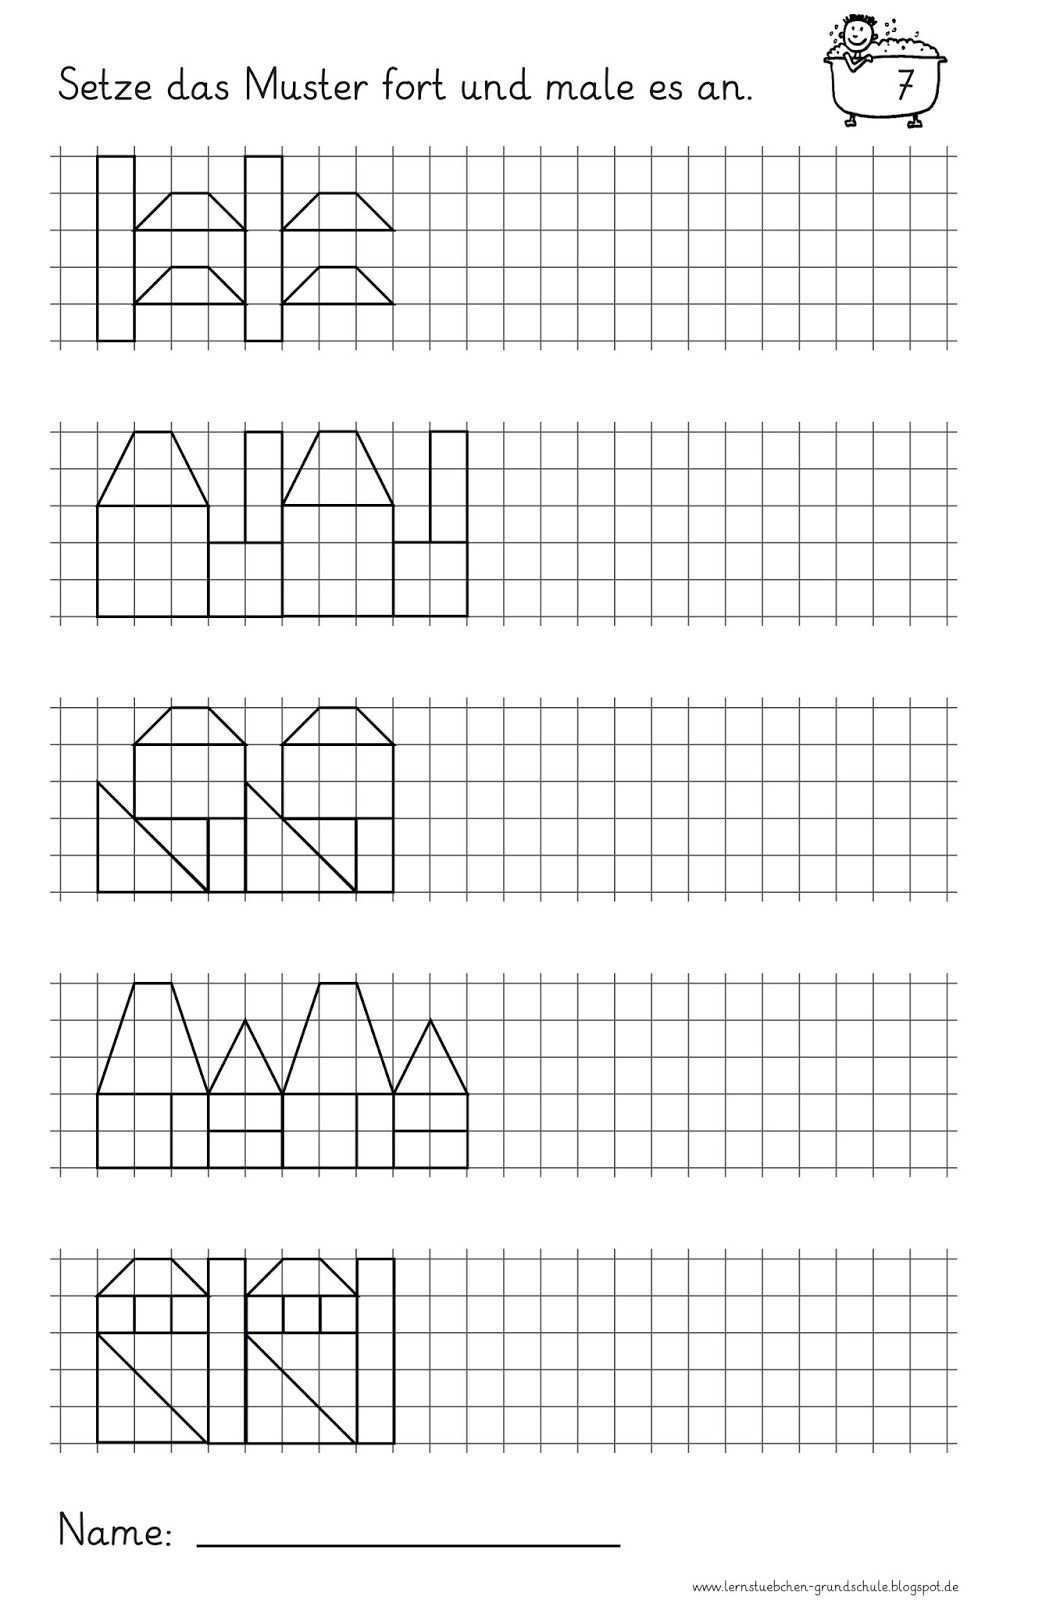 Muster Fortsetzen Und Anmalen 3 Kooperatives Lernen Mathematikunterricht Mathe Unterrichten